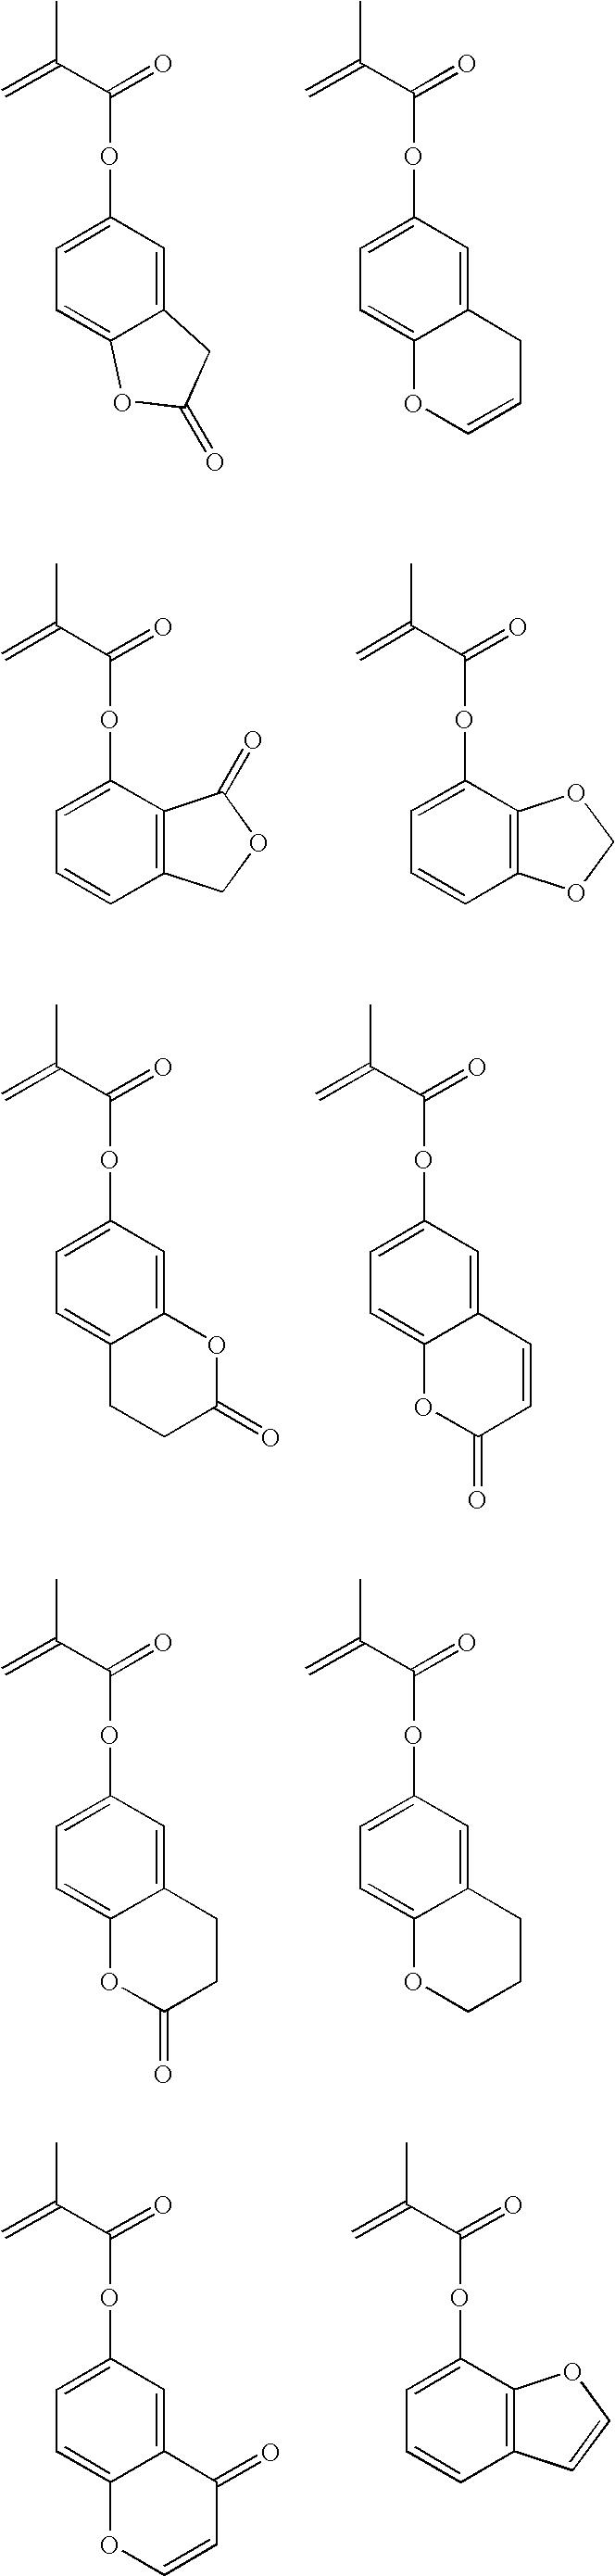 Figure US08057982-20111115-C00065